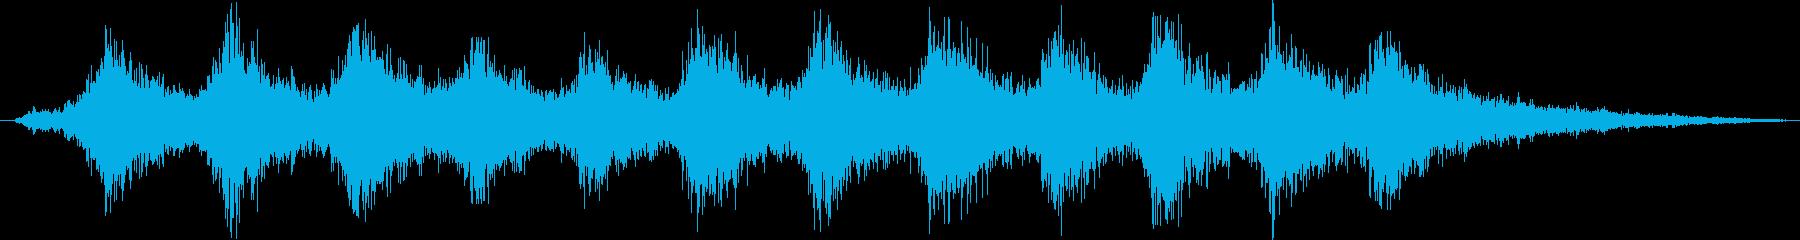 ローイングマシン:ファンベース:ス...の再生済みの波形